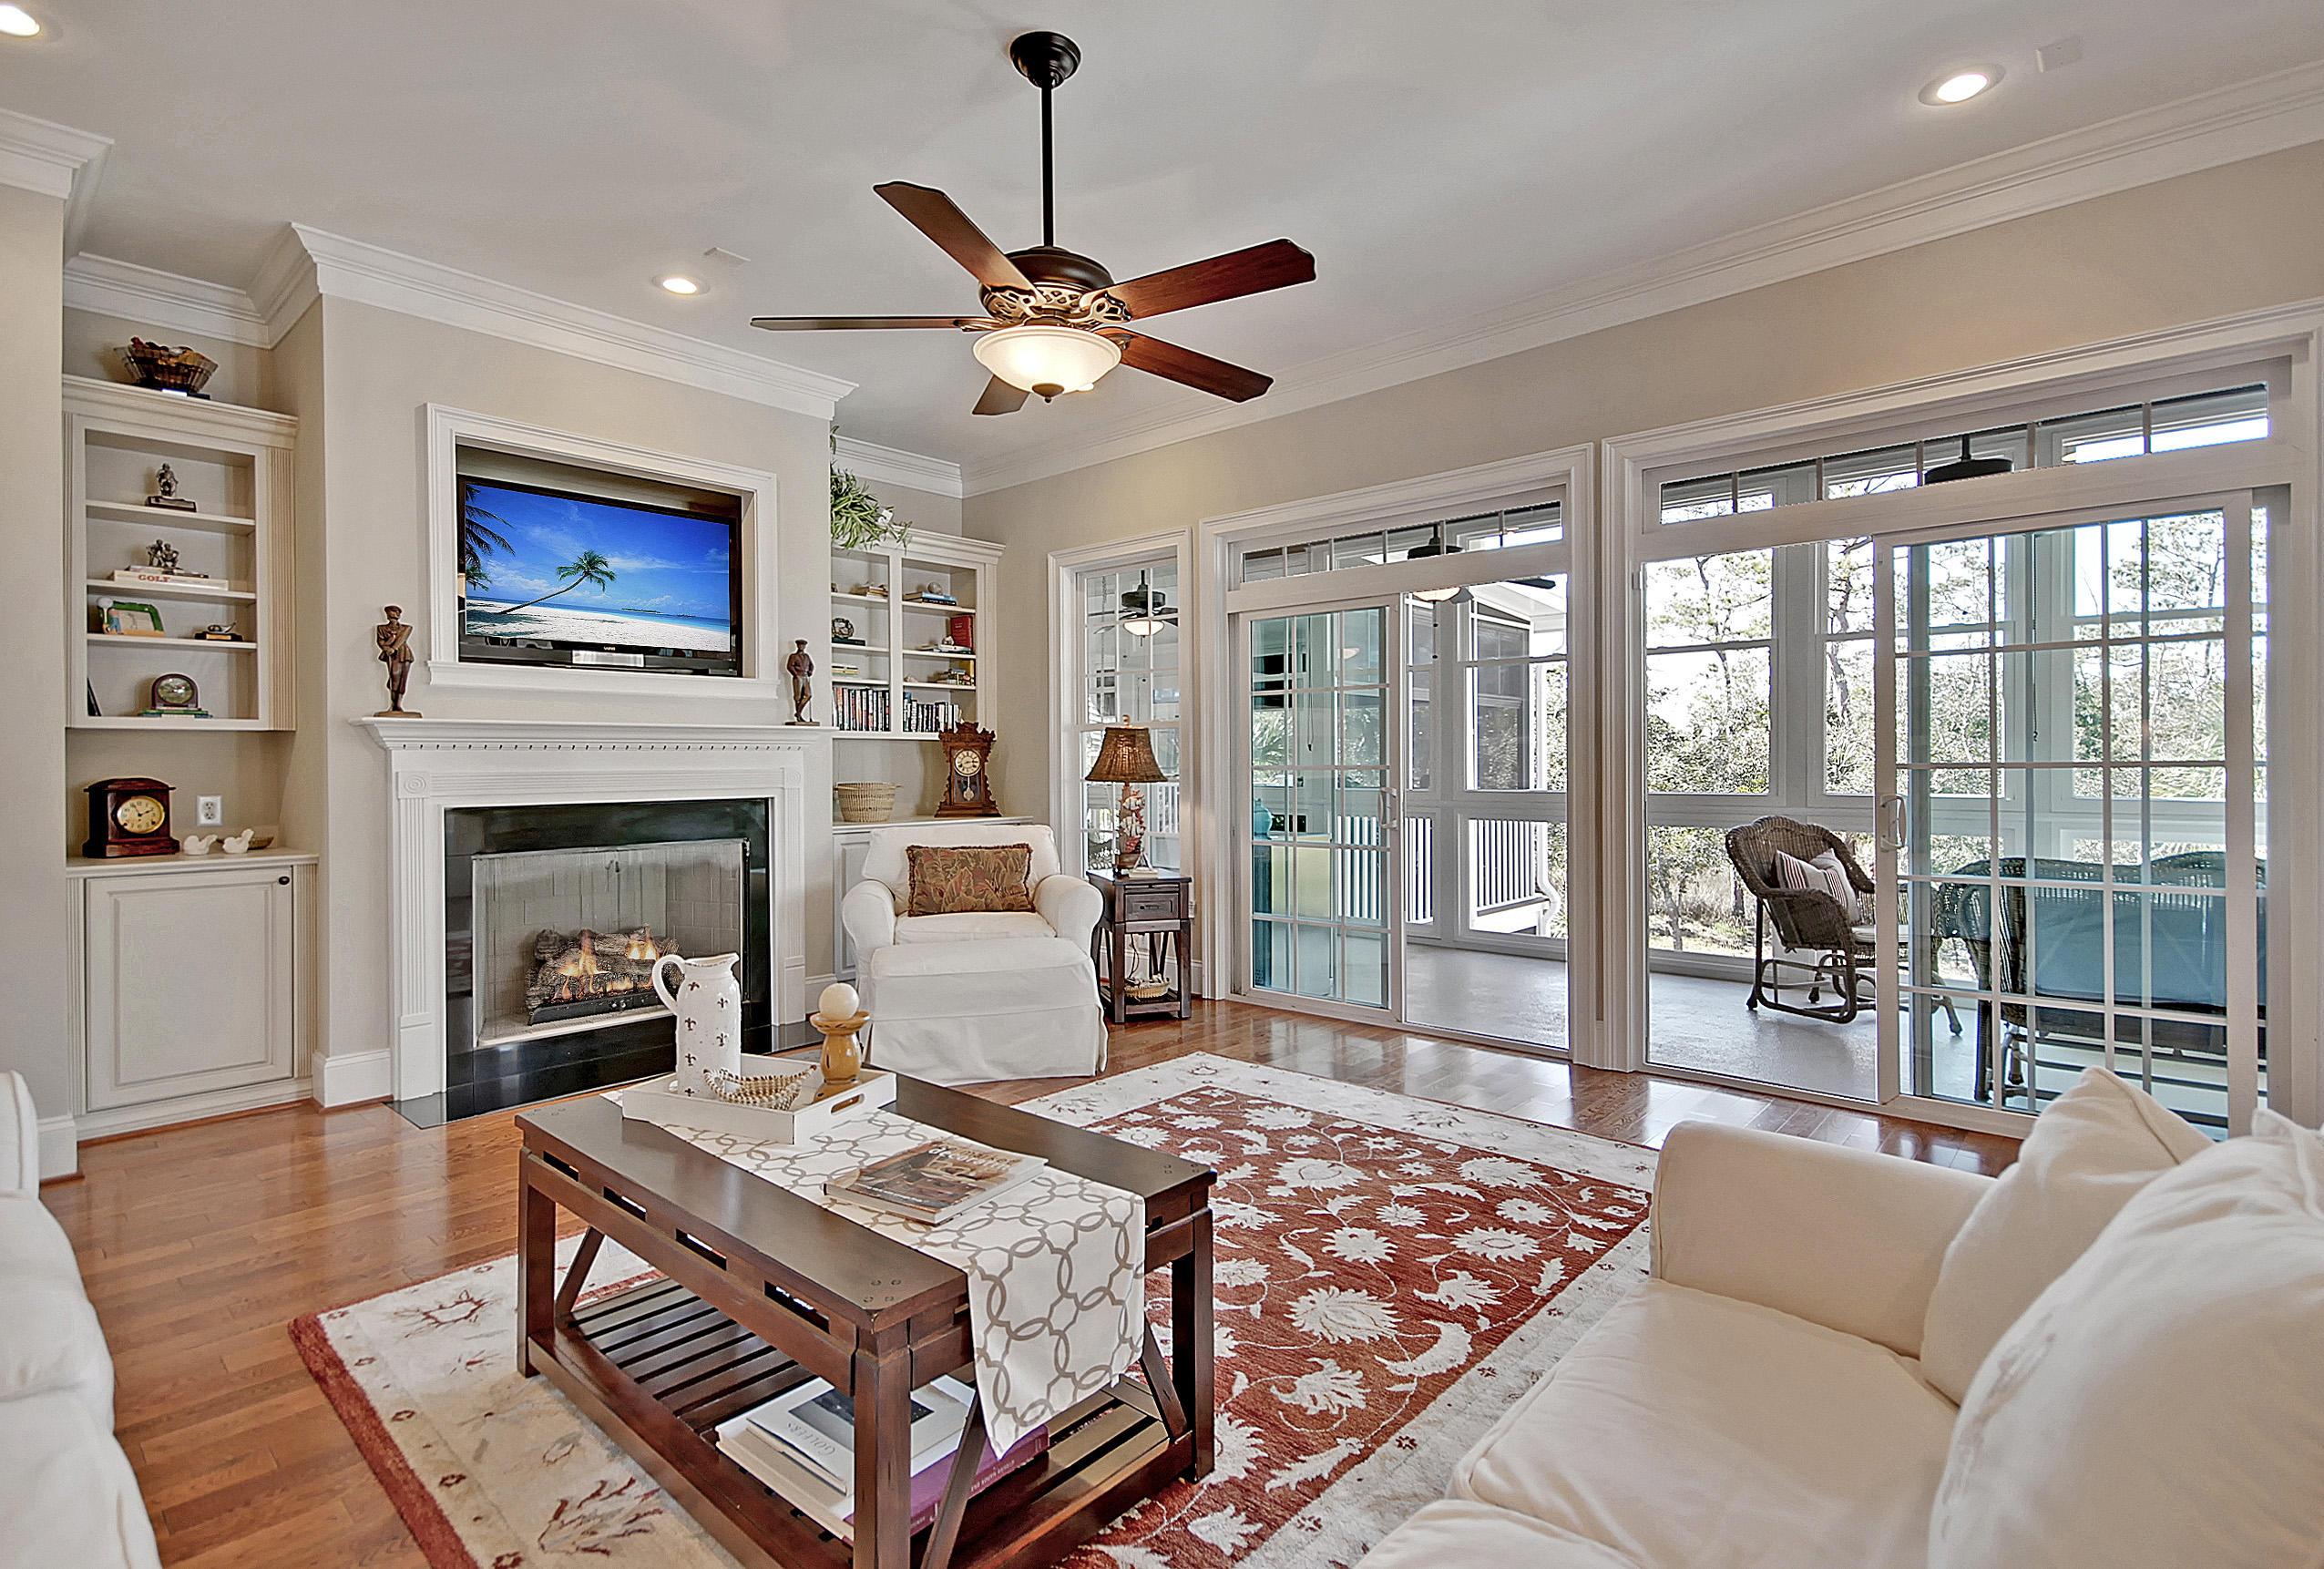 Dunes West Homes For Sale - 2721 Fountainhead, Mount Pleasant, SC - 55